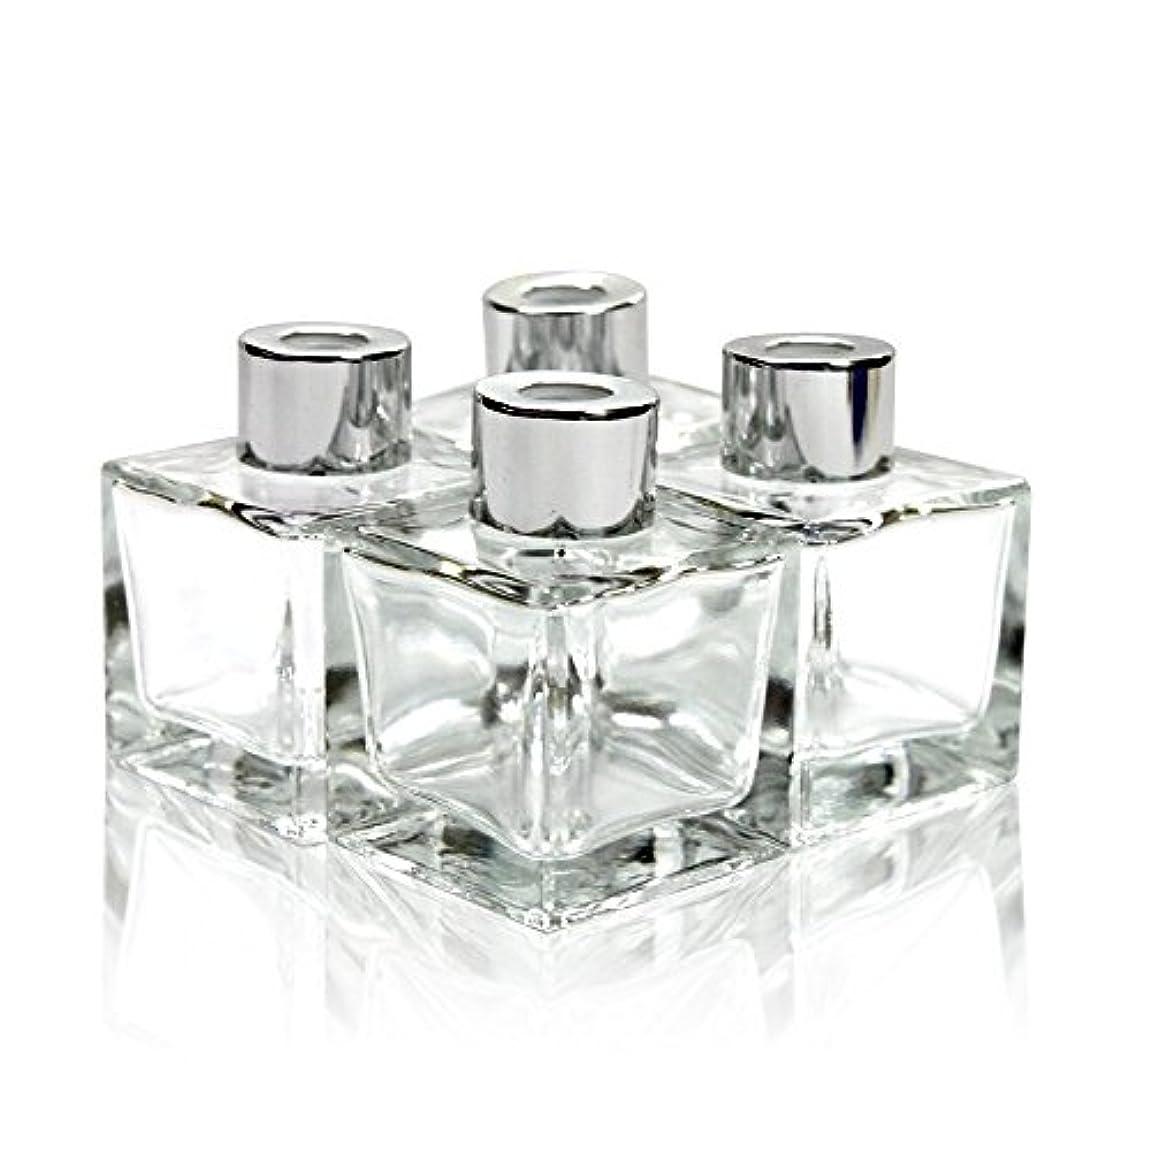 ハッピー倍増時々時々Feel Fragrance リードディフューザー用 リードディフューザーボトル 容器 透明 蓋付き 4本セット50ML方形 (GB-50)